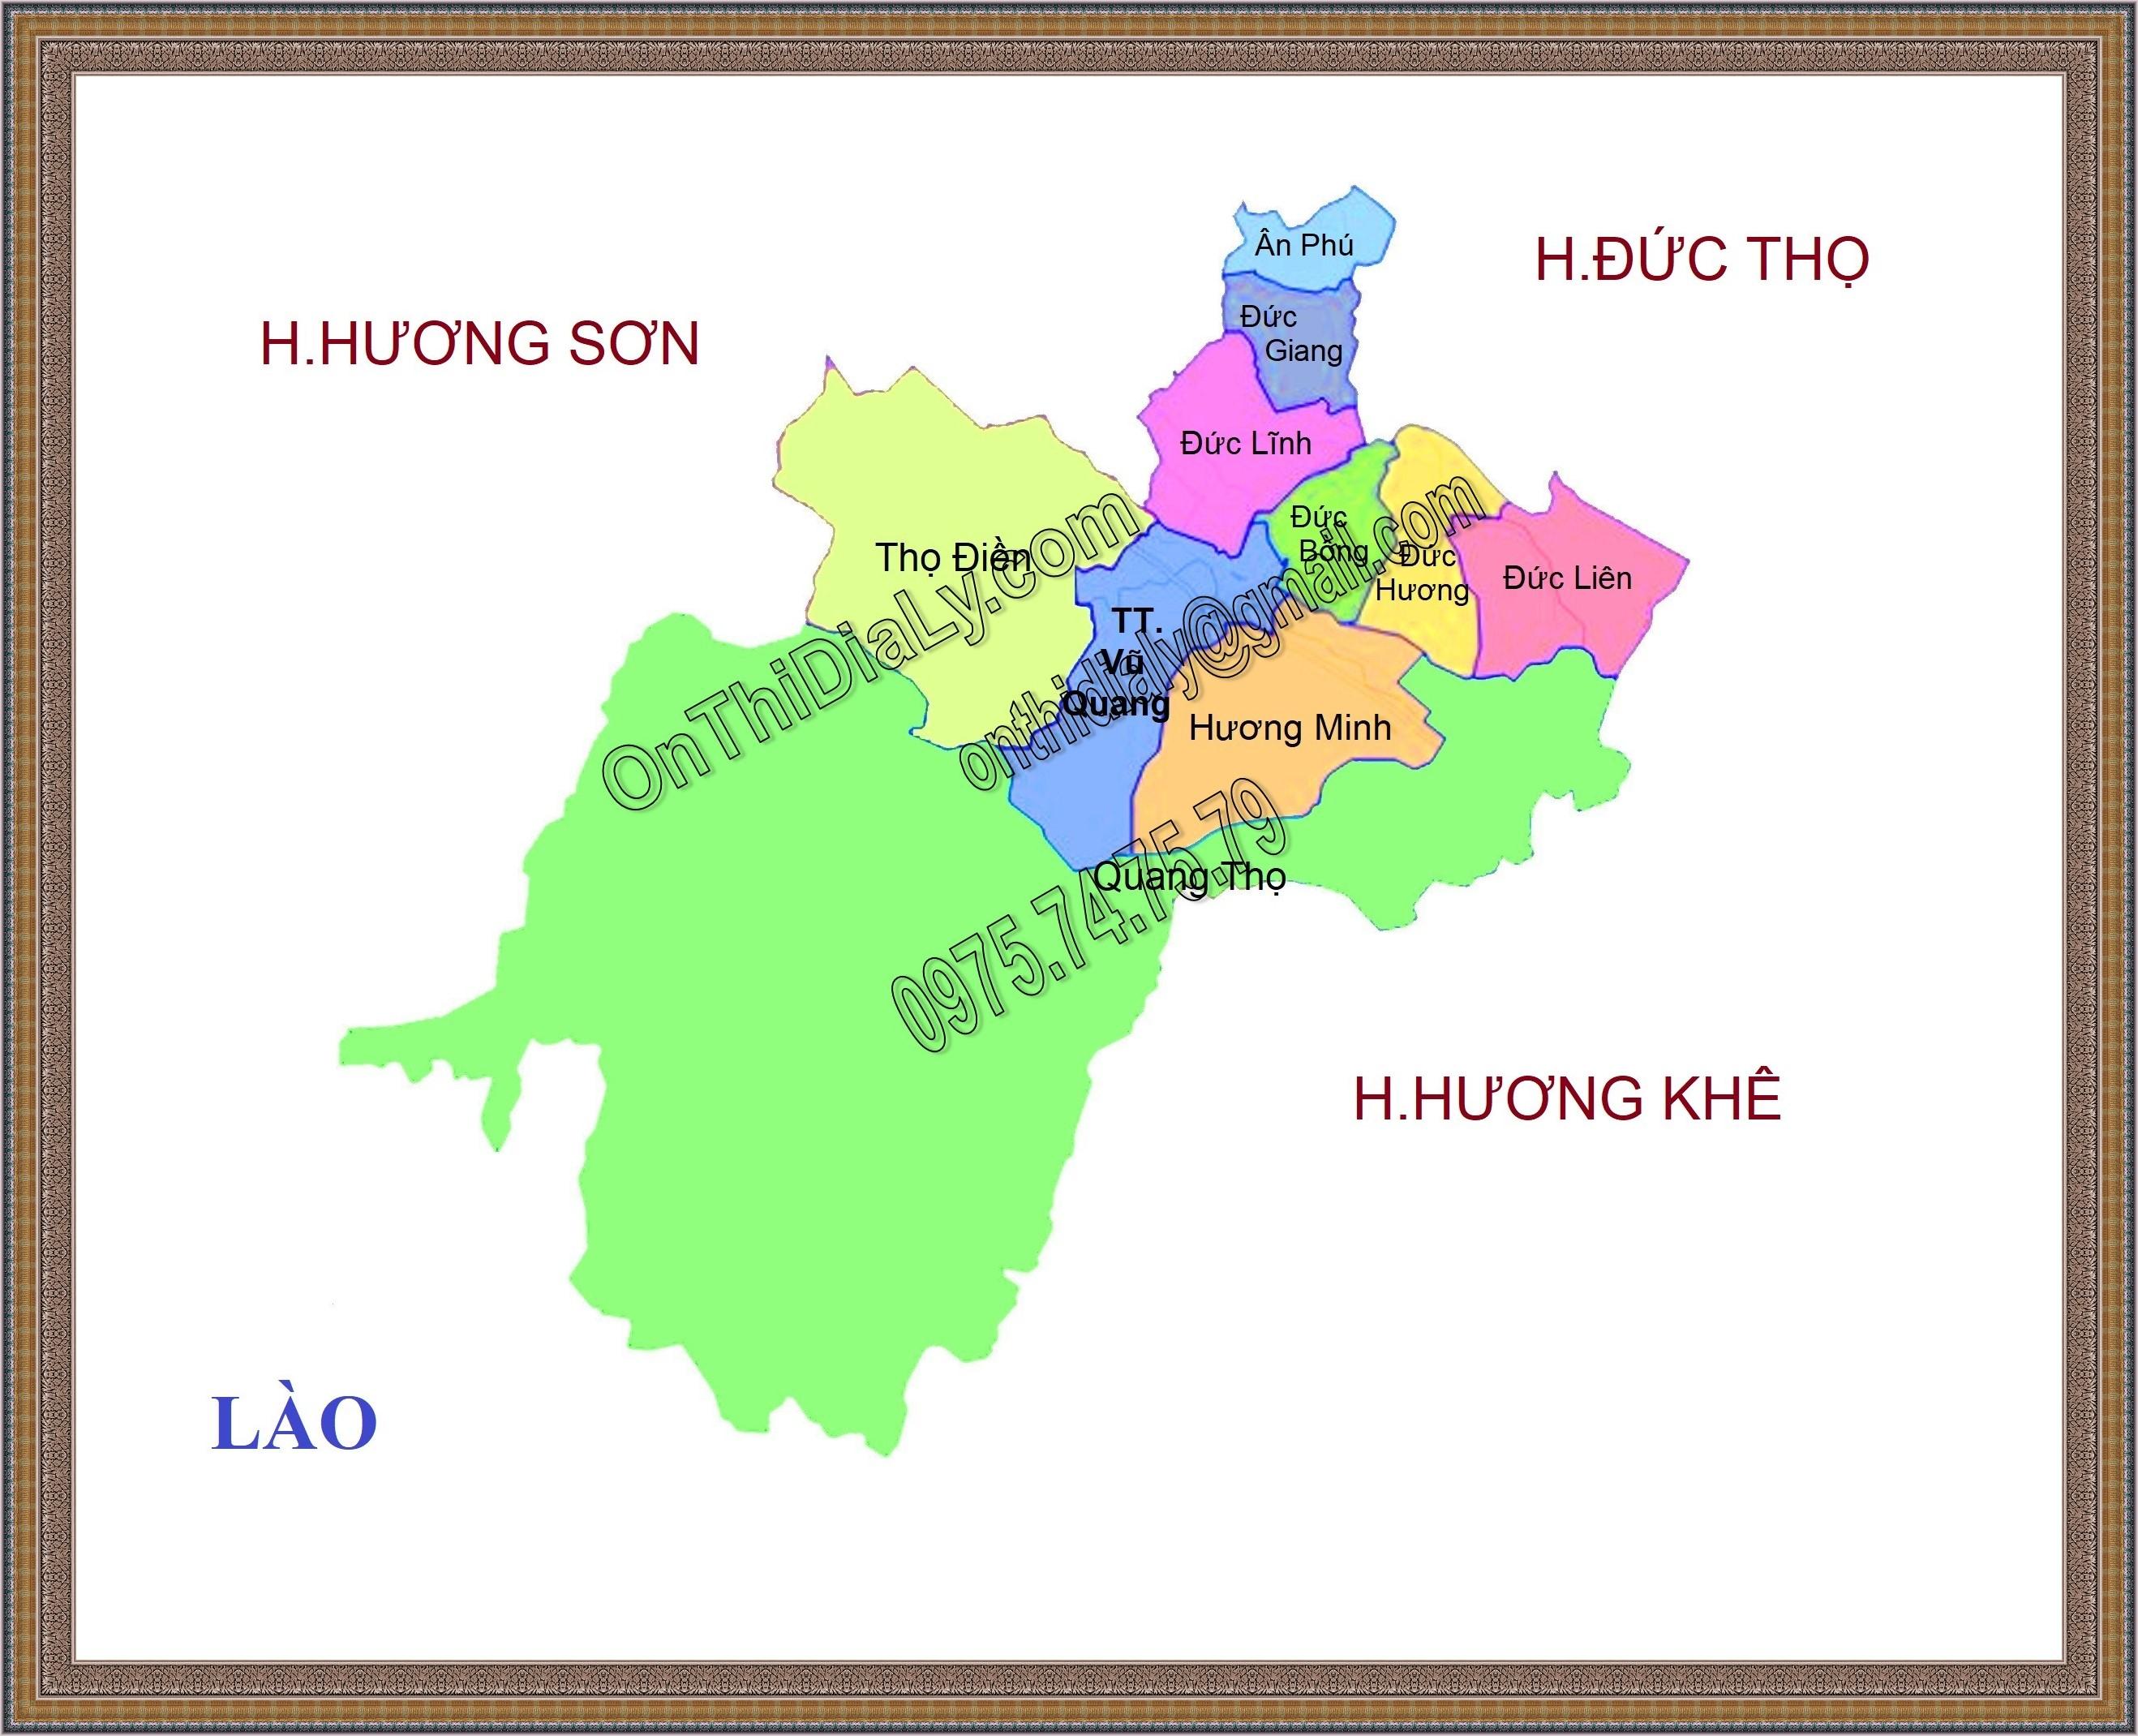 Vu Quang - Ha Tinh 5